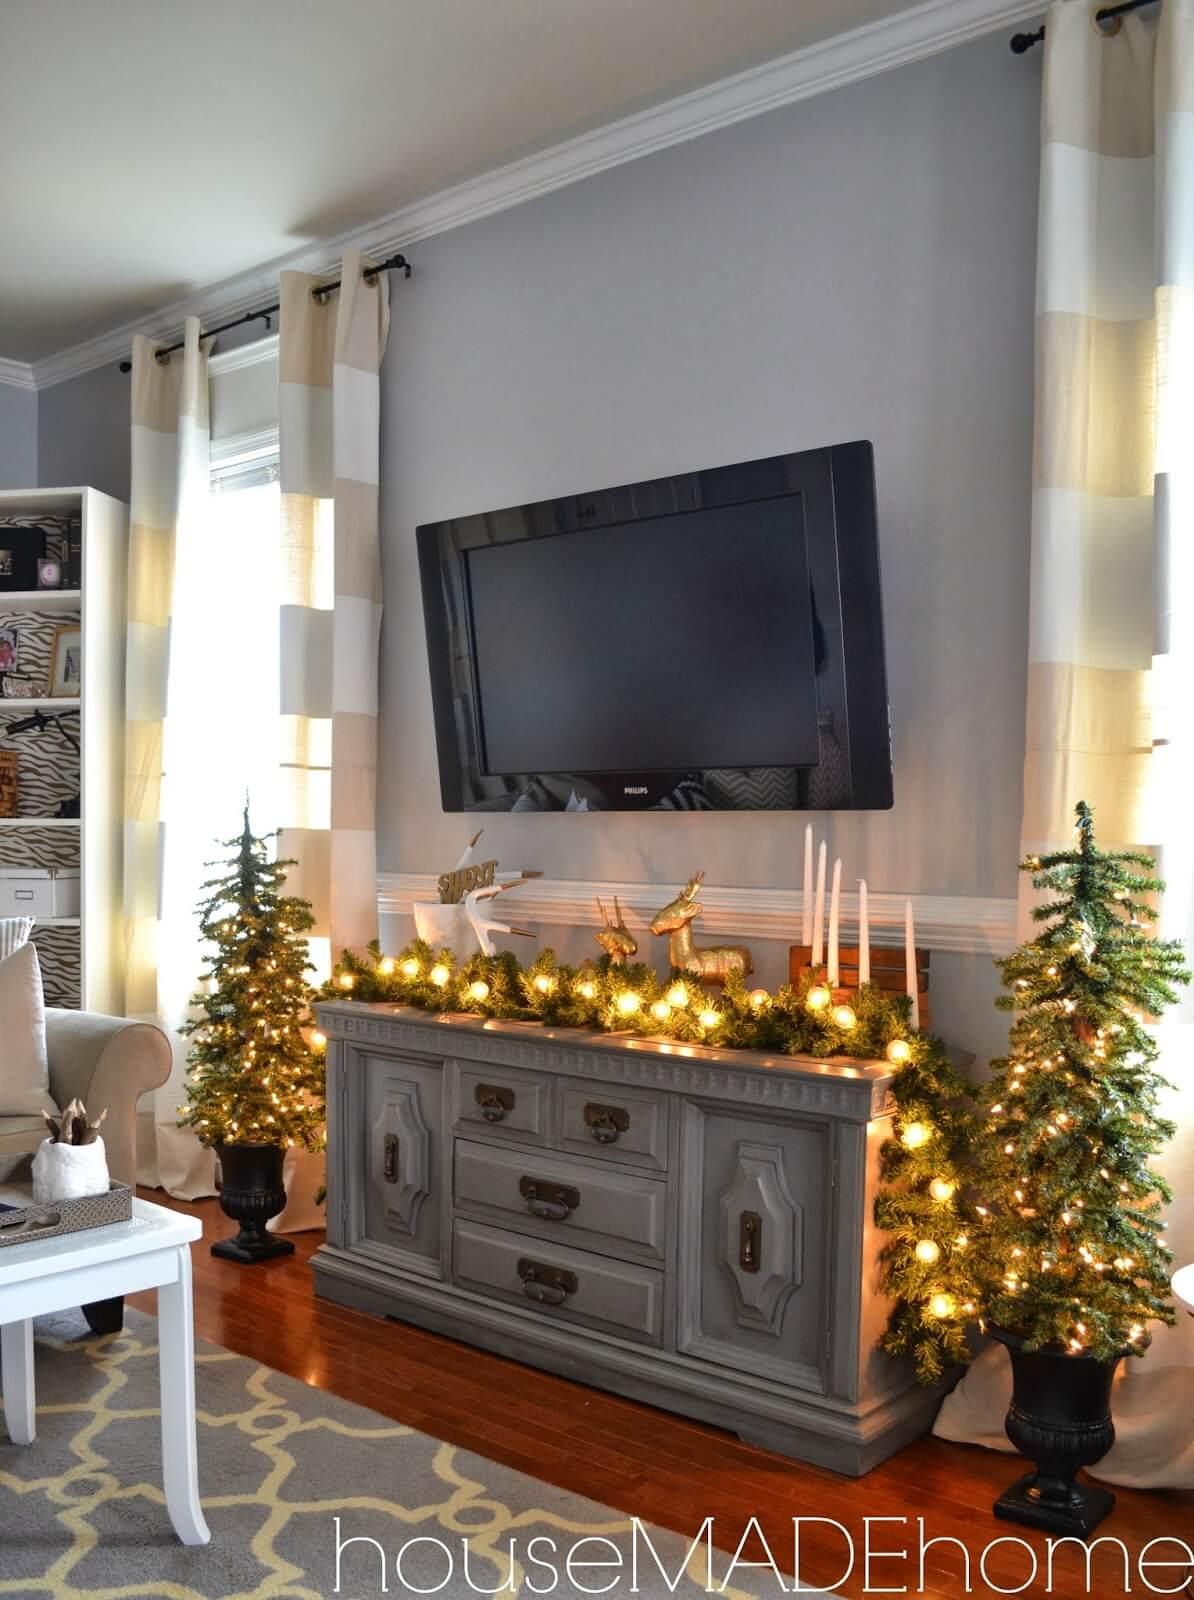 Mini Tree and Mantle Light Display